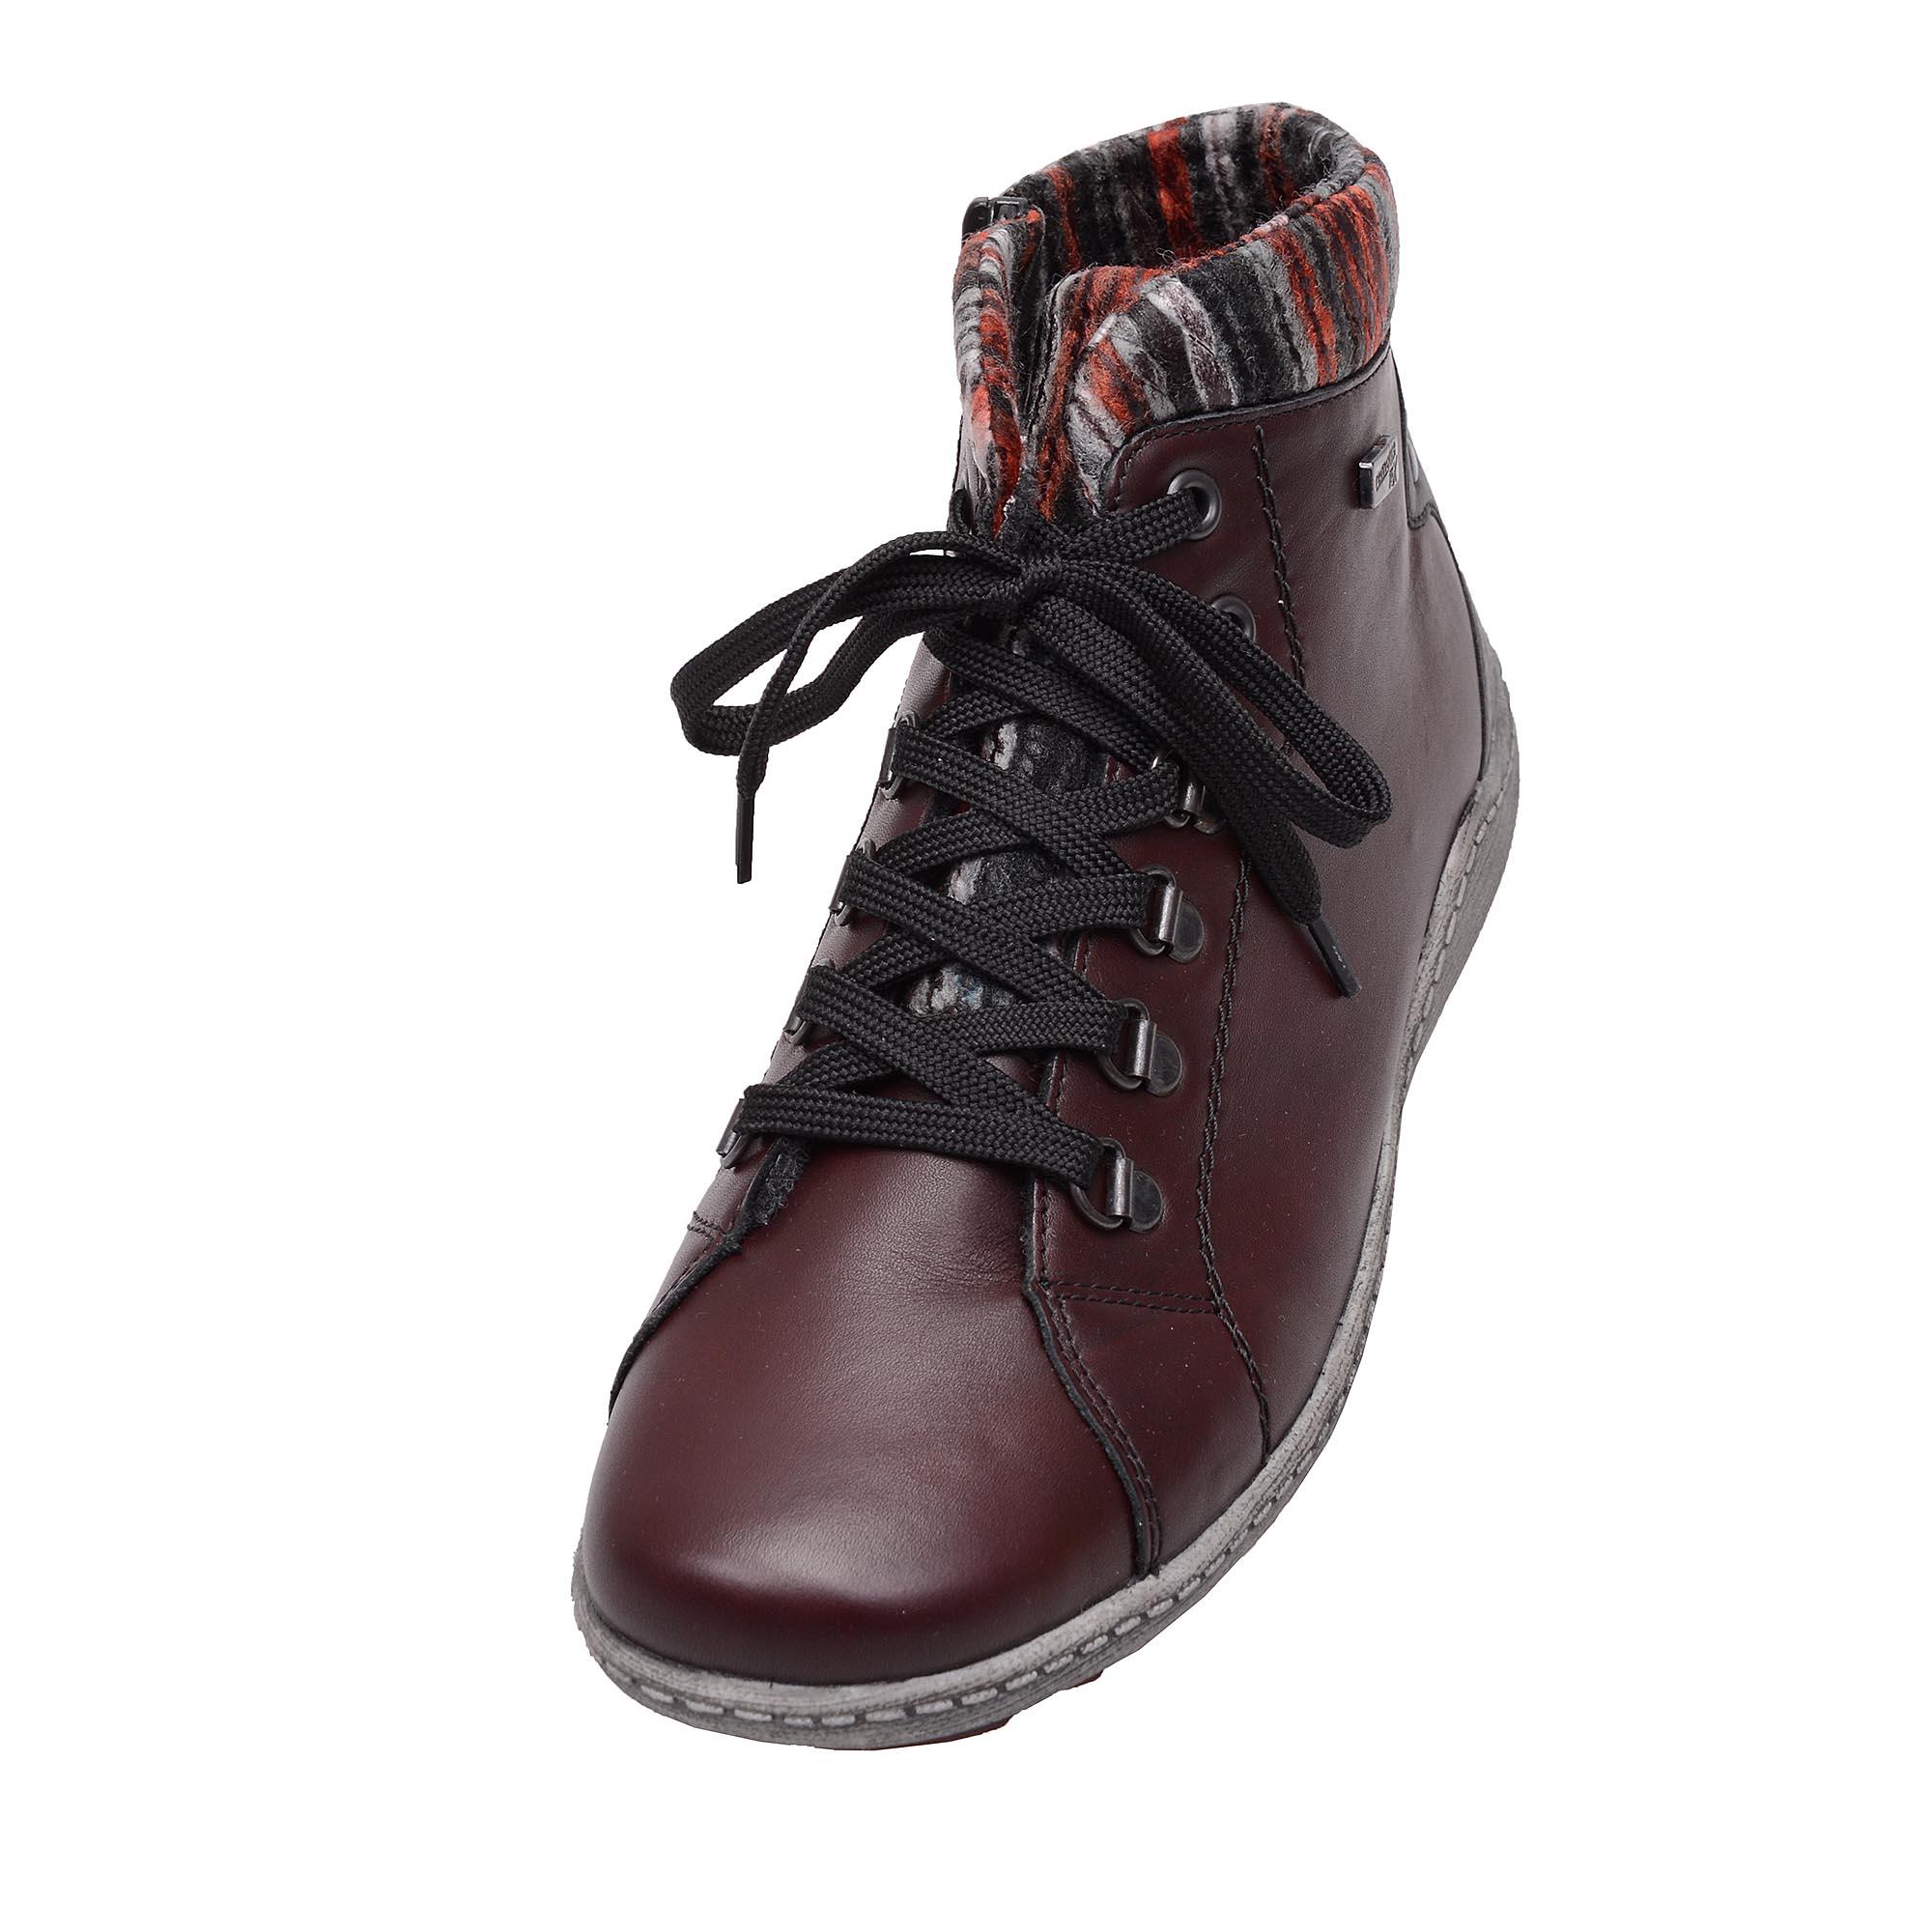 3b97a31a6bab detail Dámská obuv REMONTE - RIEKER R1473 35 ROT KOMBI H W 6